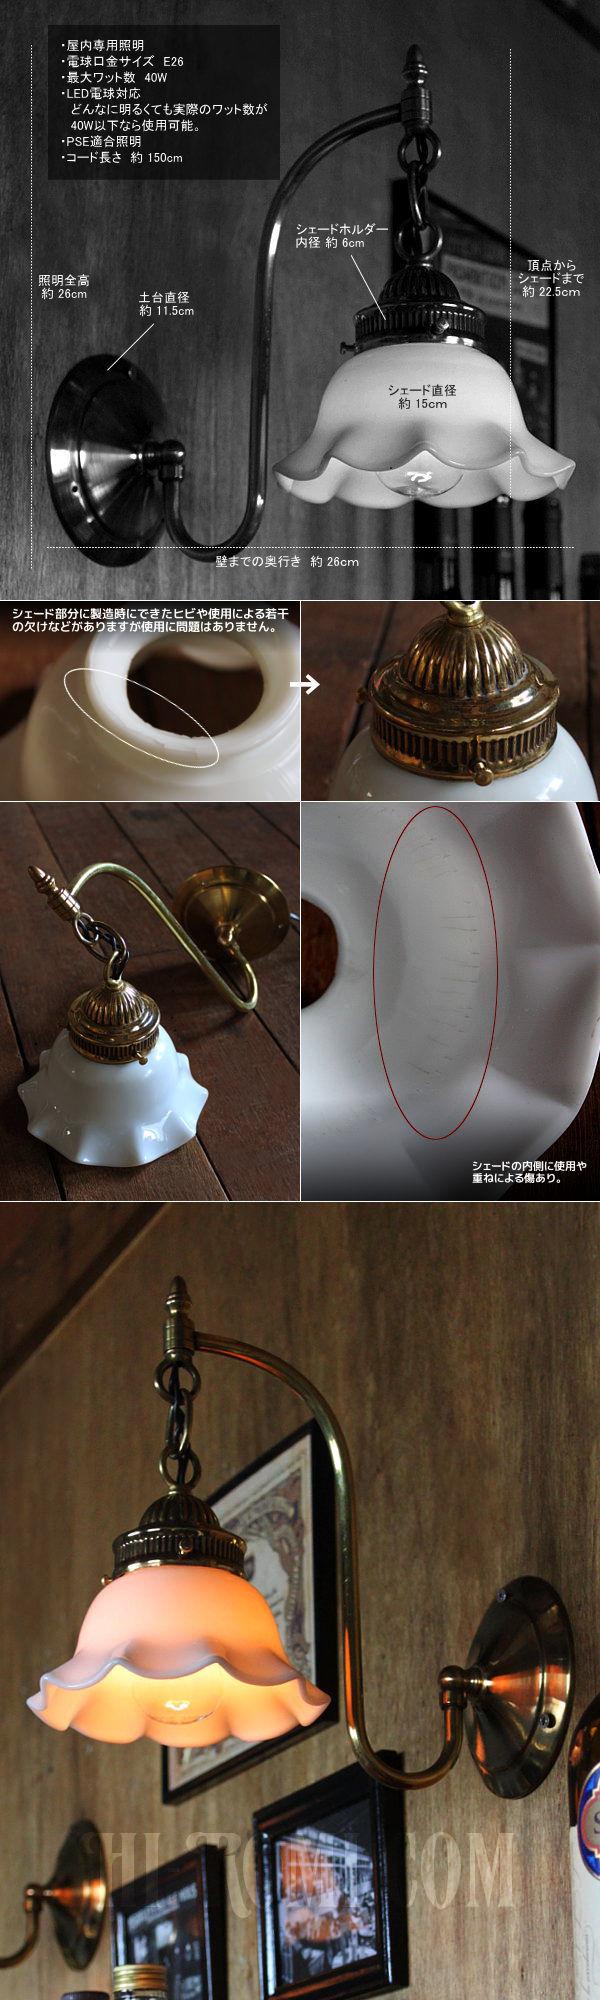 コロニアルミルクガラス製フリルシェード付真鍮ブラケット/ヴィクトリアンウォールランプ/壁掛け照明/乳白